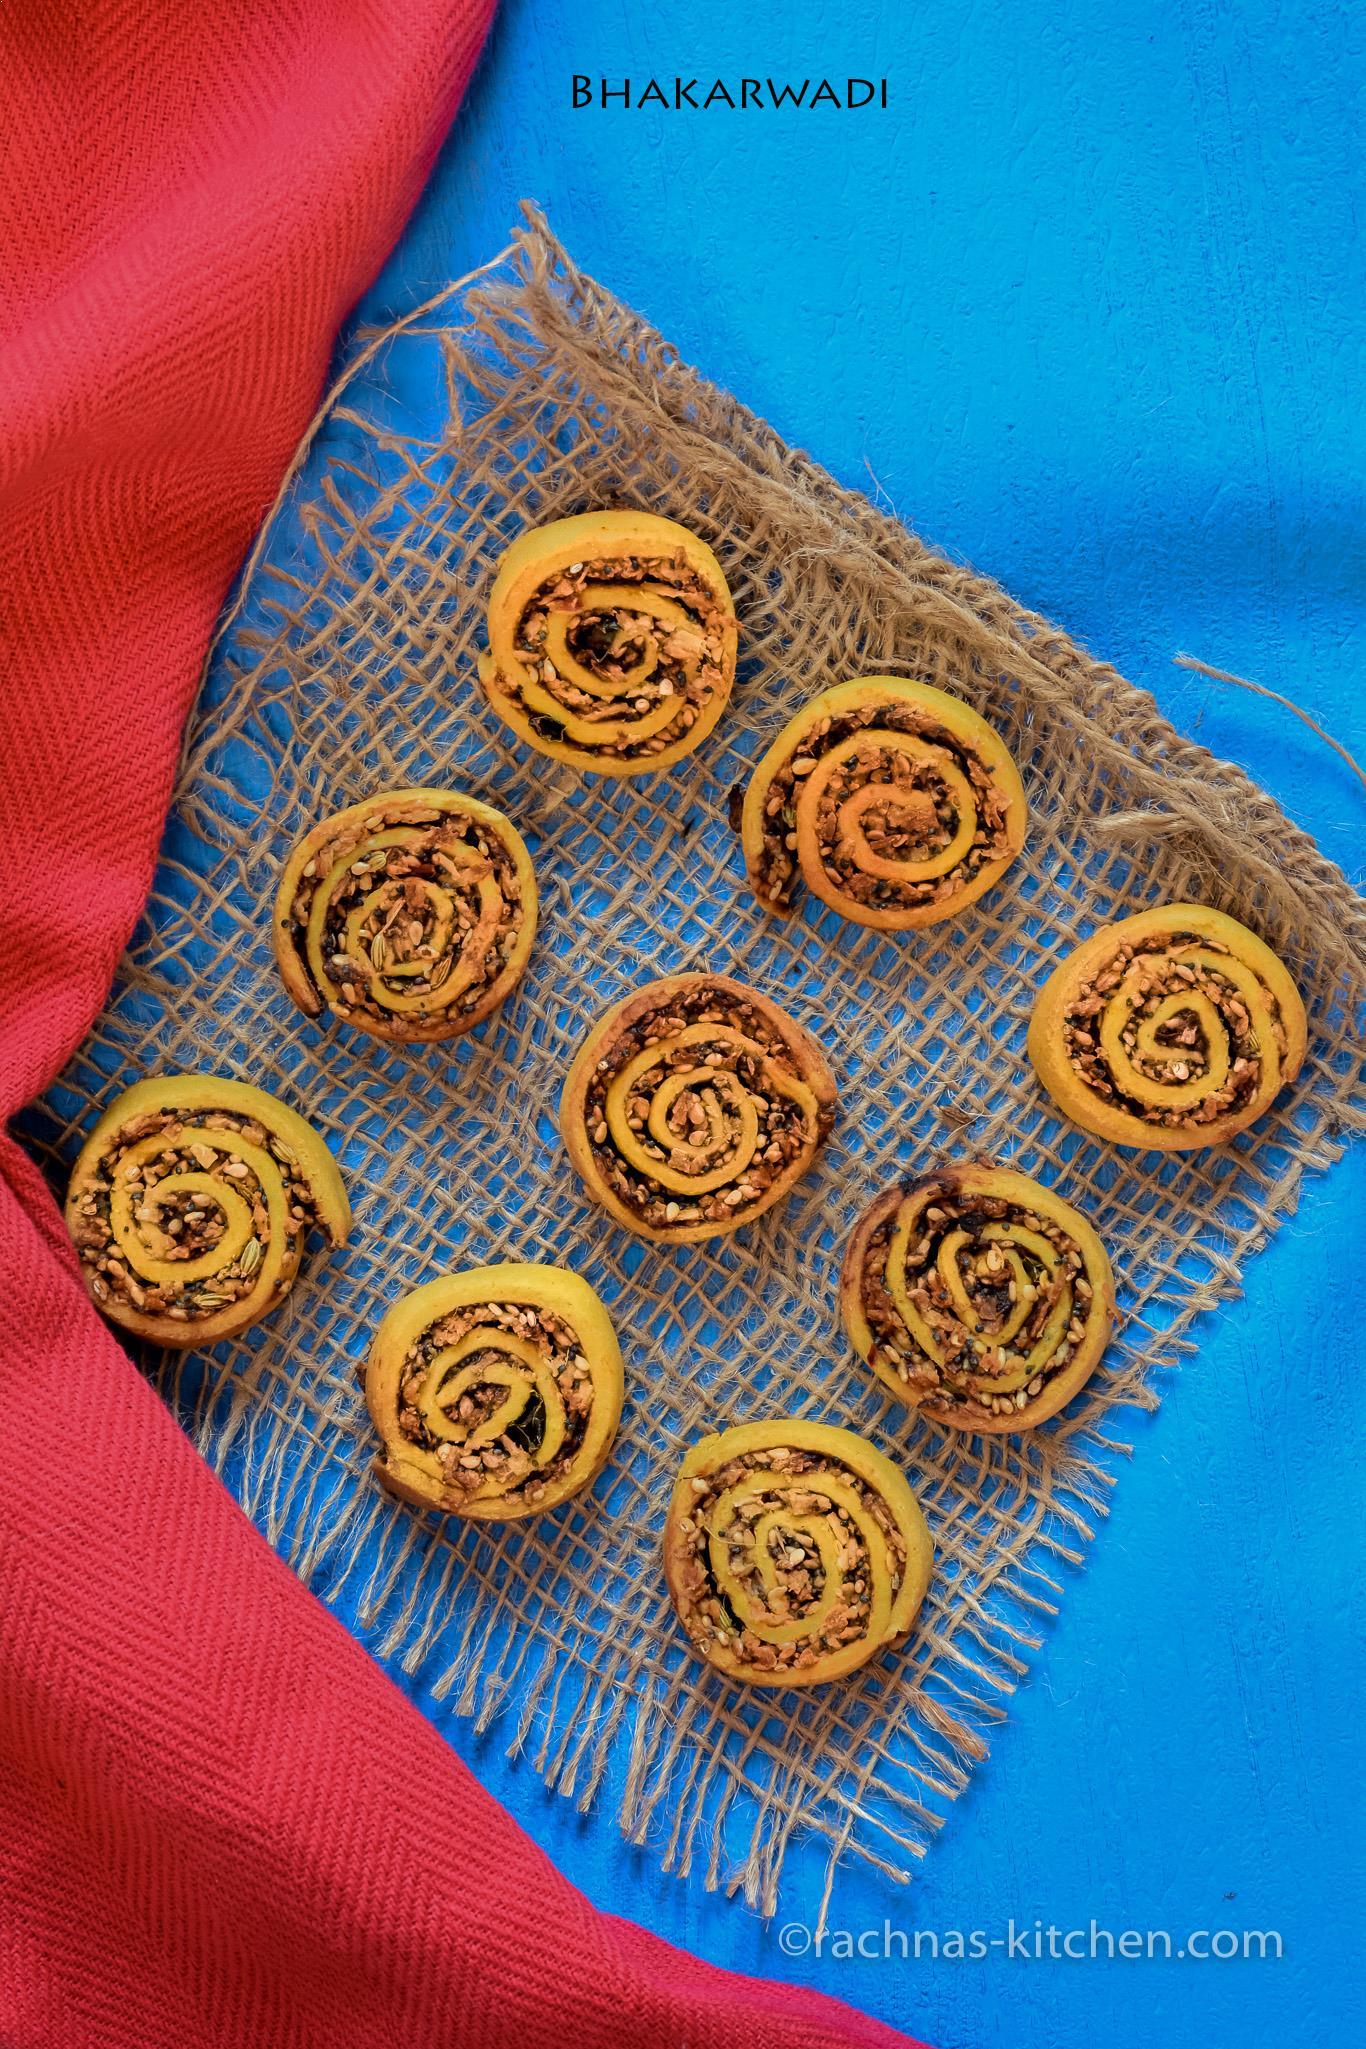 Bhakarwadi recipe, Baked Bhakarwadi Recipe